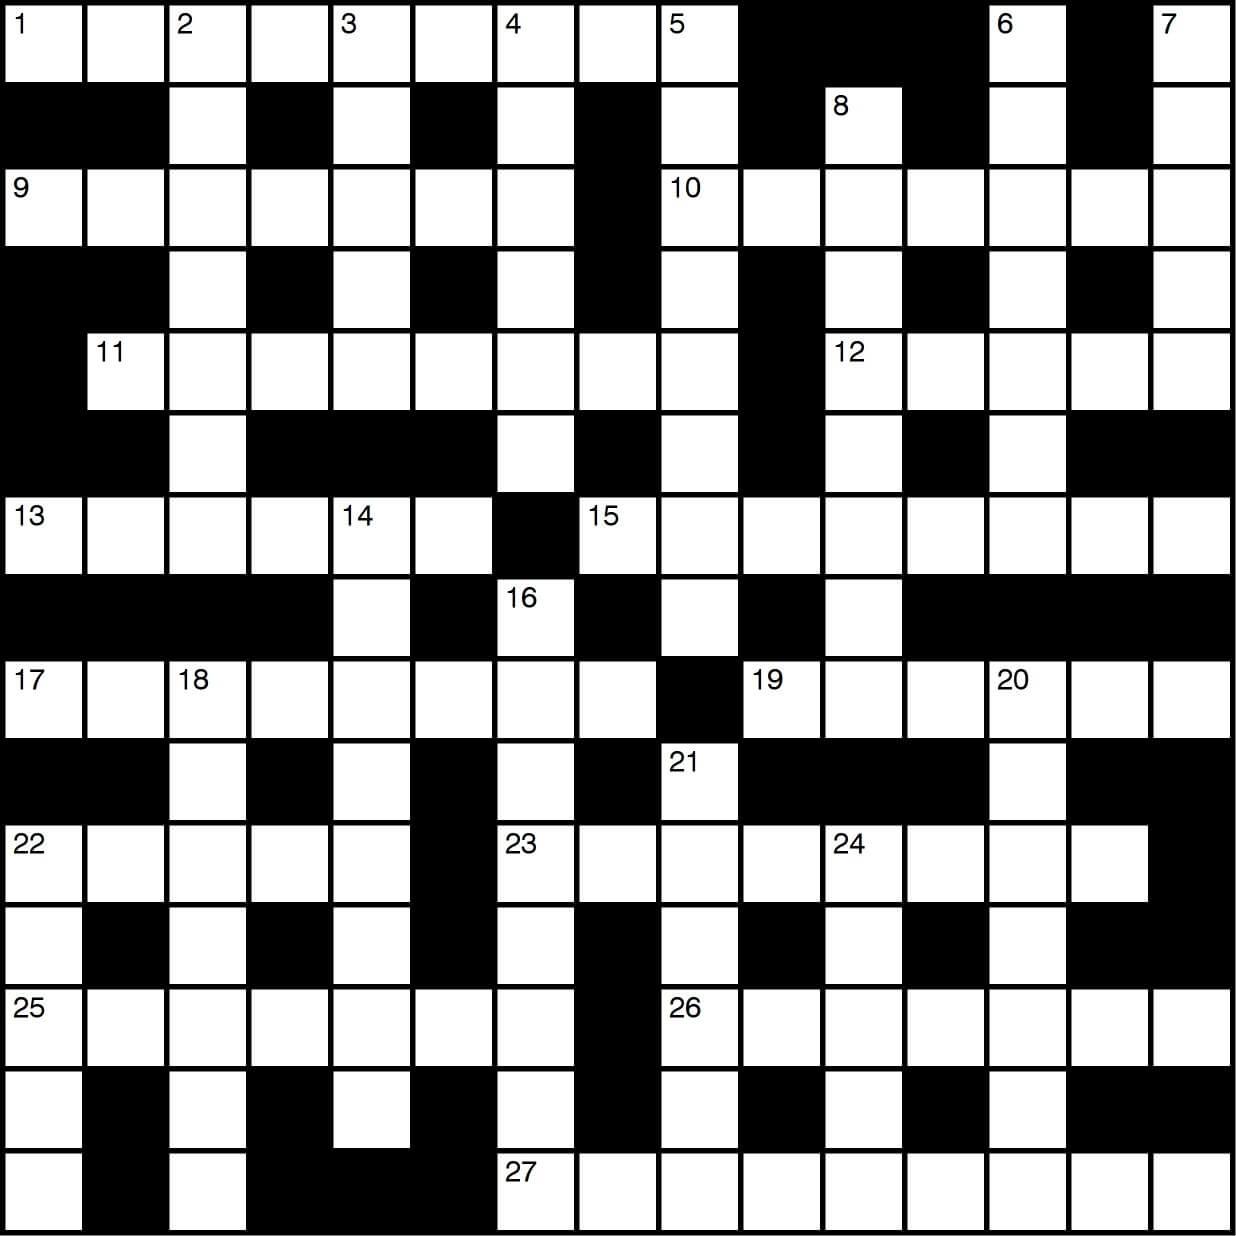 missing-vowels-uk-12